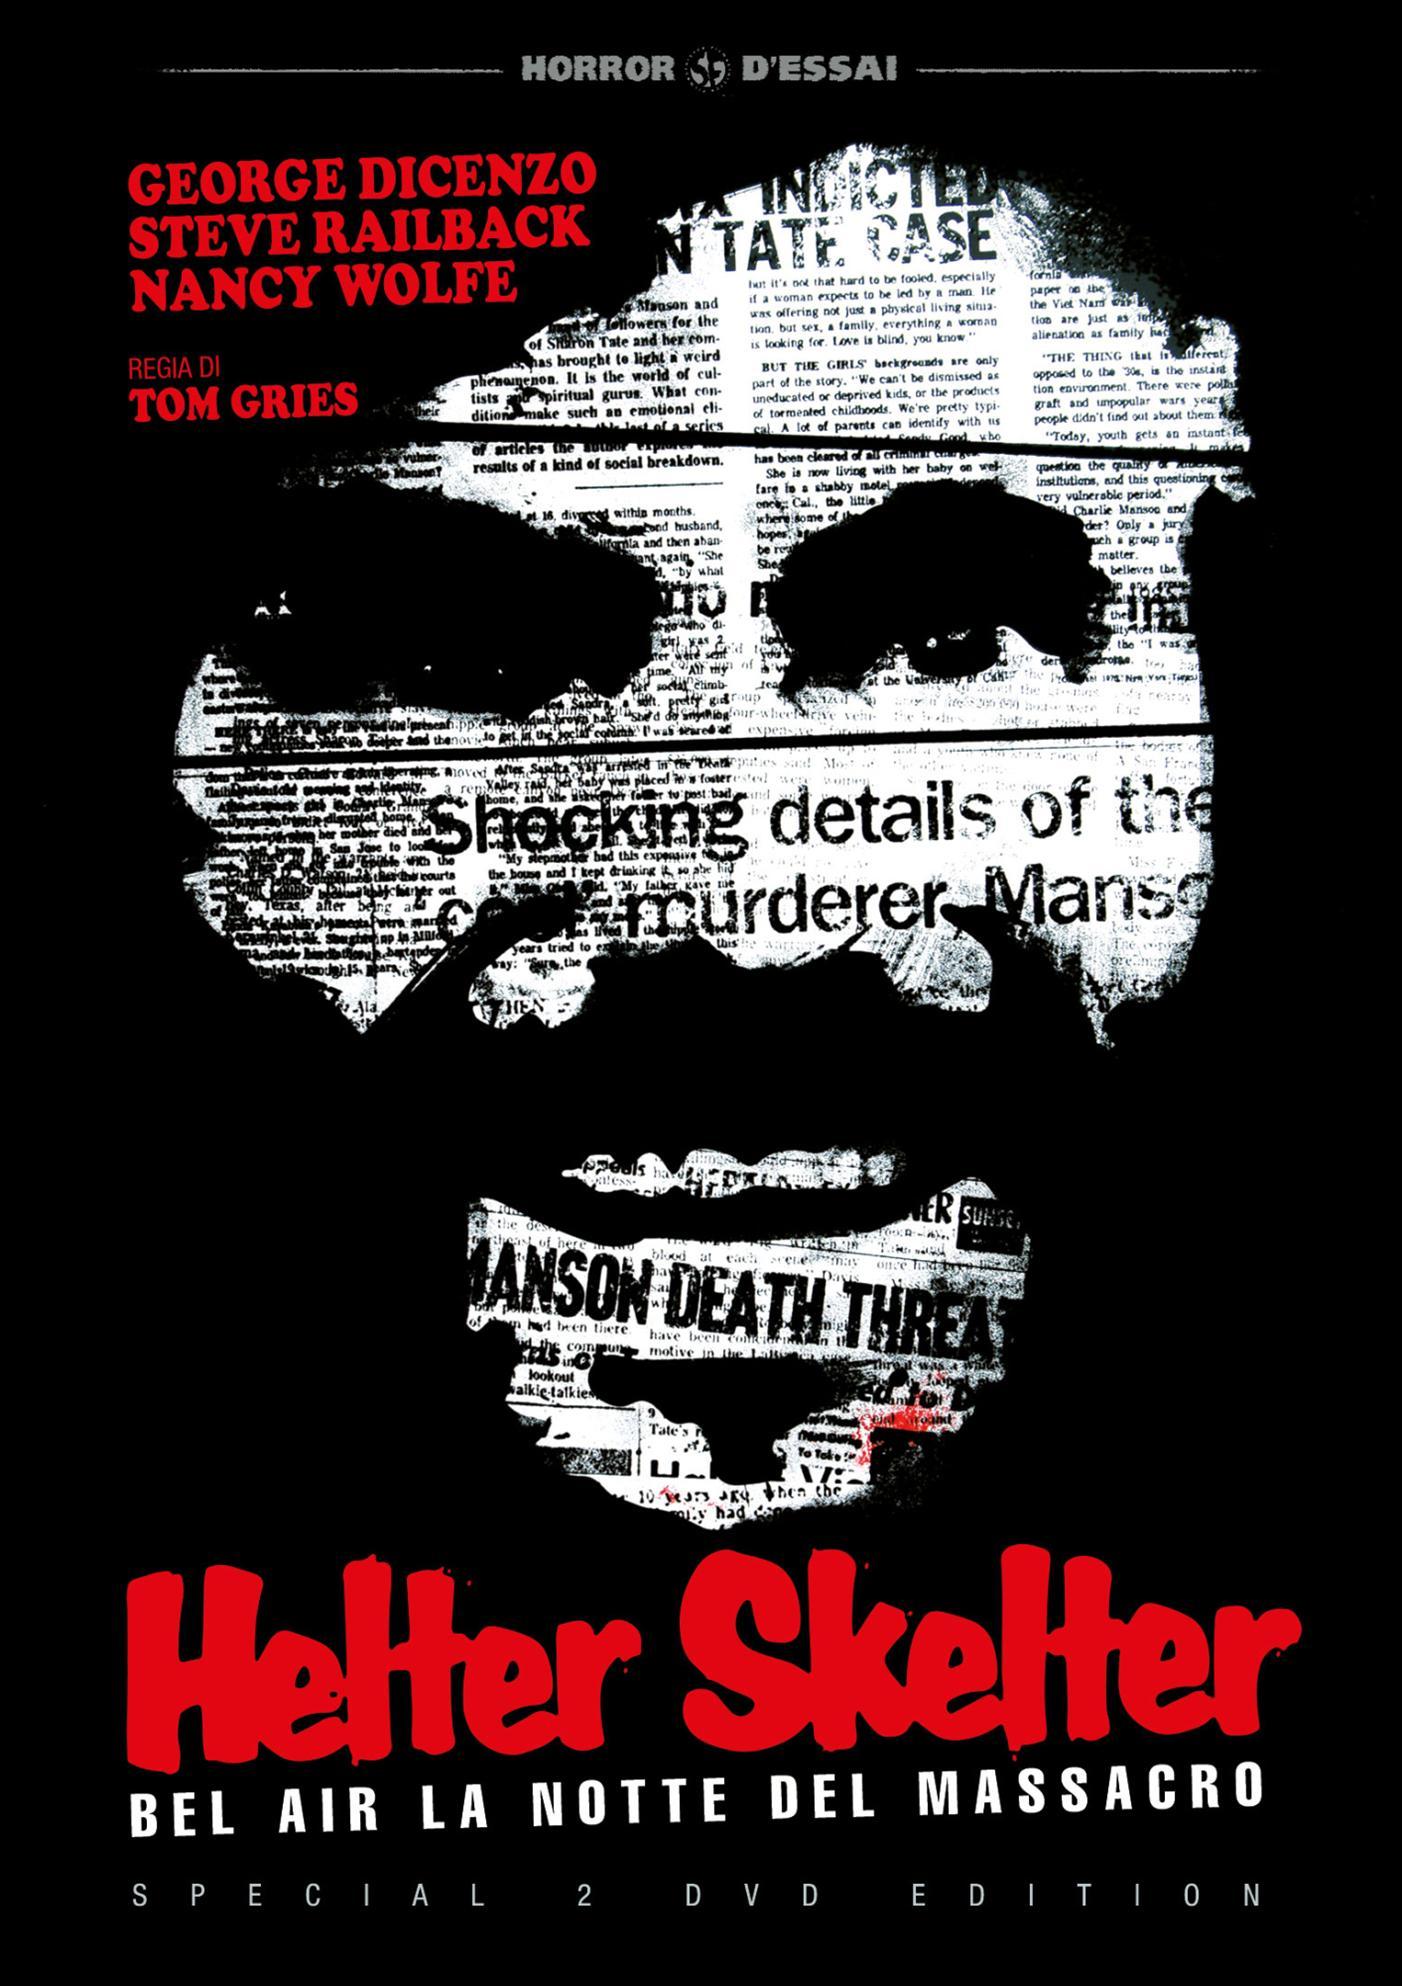 HELTER SKELTER - BEL AIR LA NOTTE DEL MASSACRO (SPECIAL EDITION)